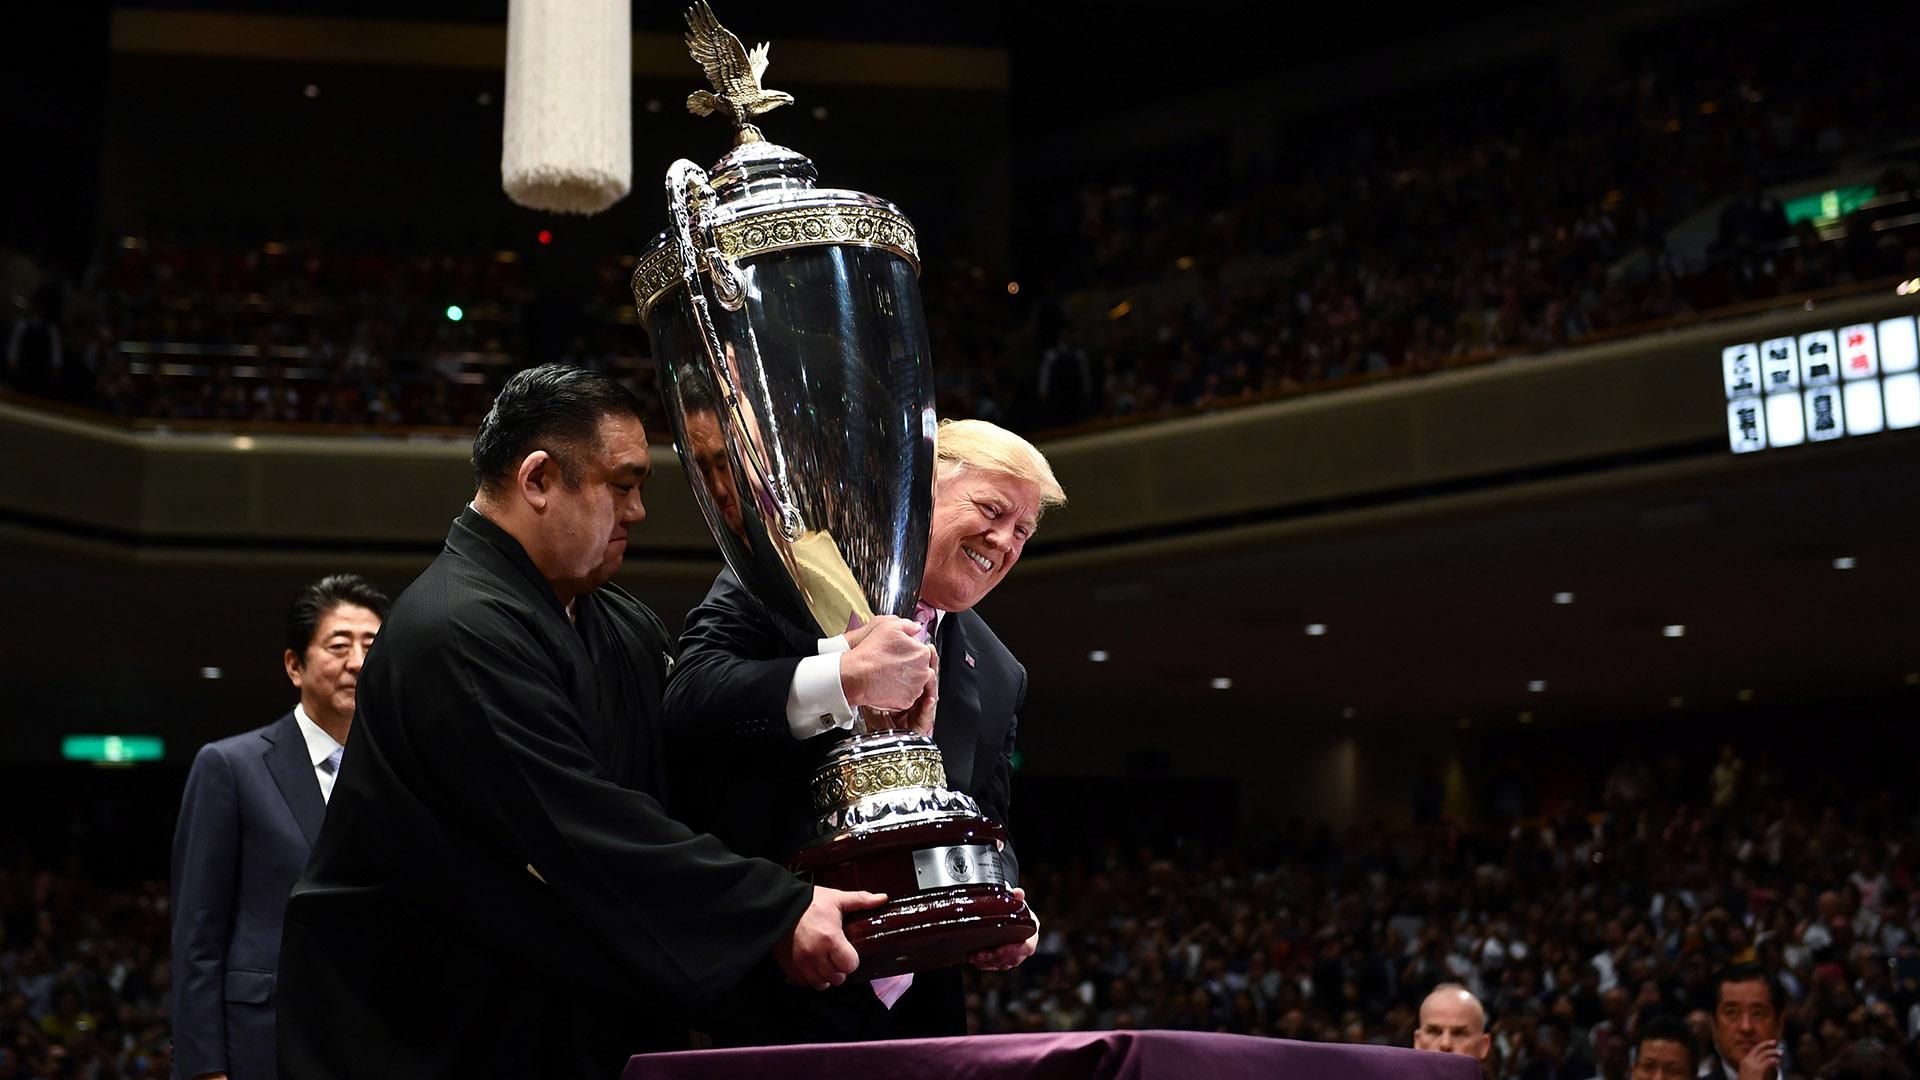 El trofeo lleva el nombre de Copa del Presidente de EEUU, confeccionada en ese país, con 1,37 metros de altura y coronada por un águila